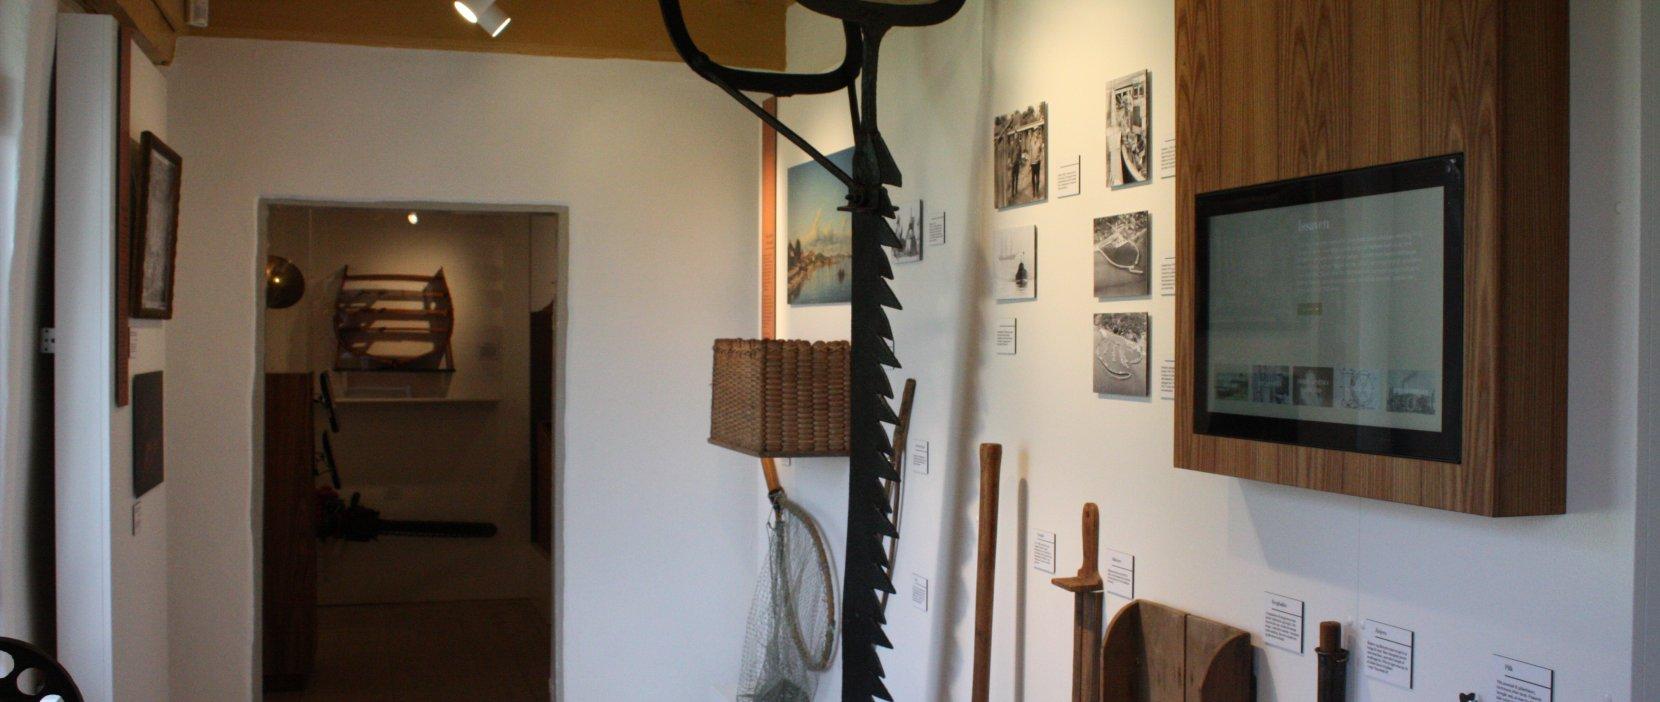 Vandrummet i Mothsgårdens udstilling